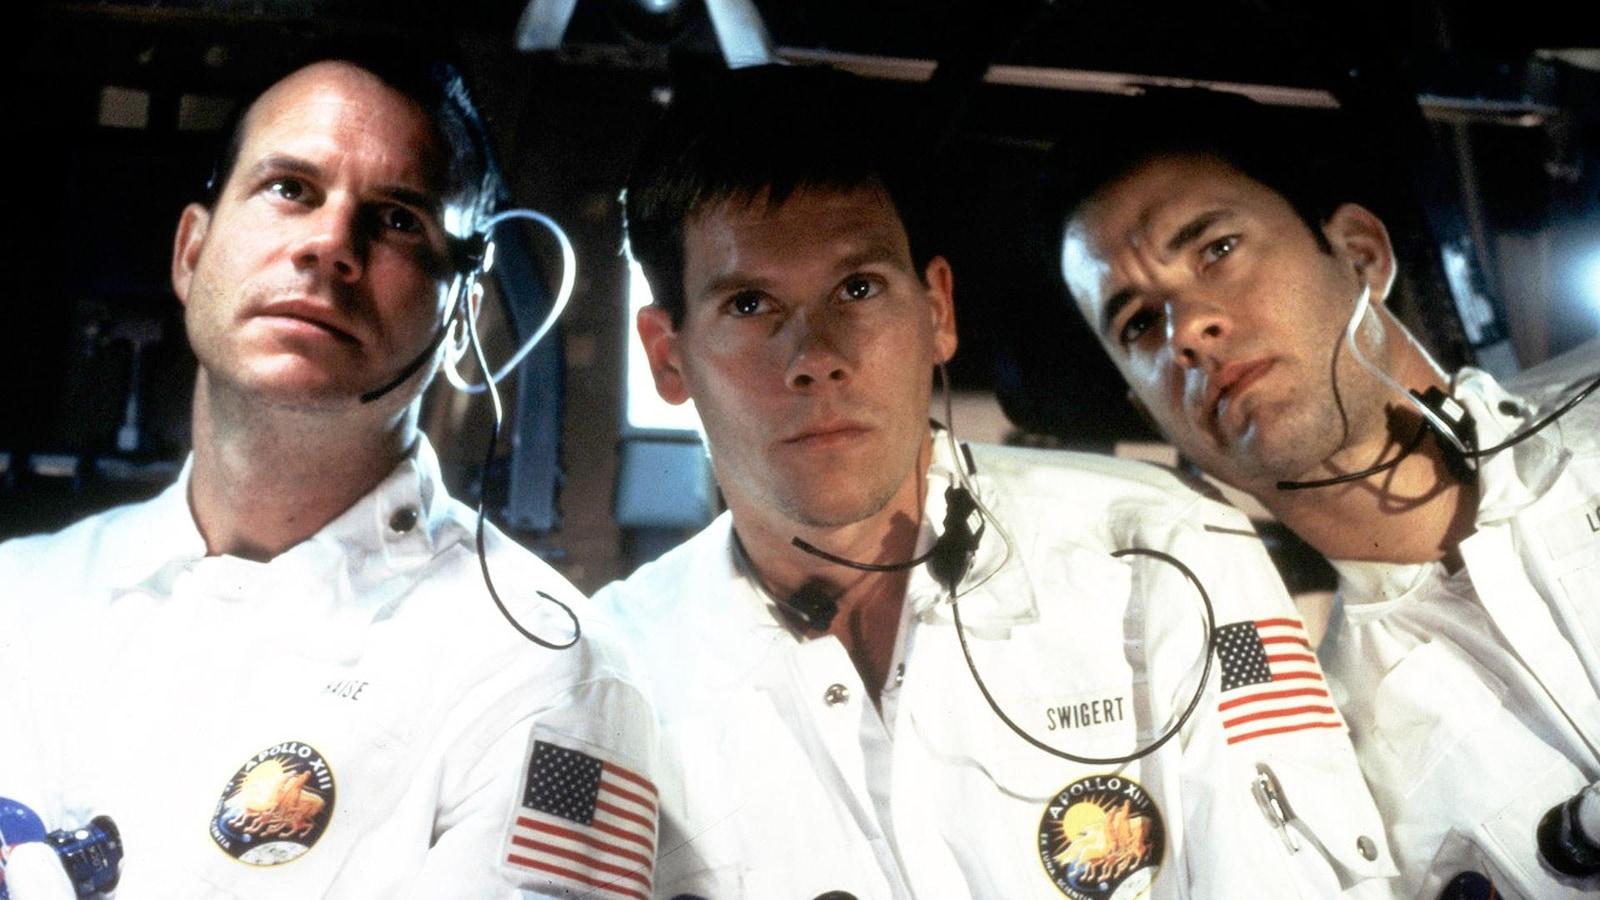 Trois hommes vêtus d'uniformes blancs dans une navette spatiale.